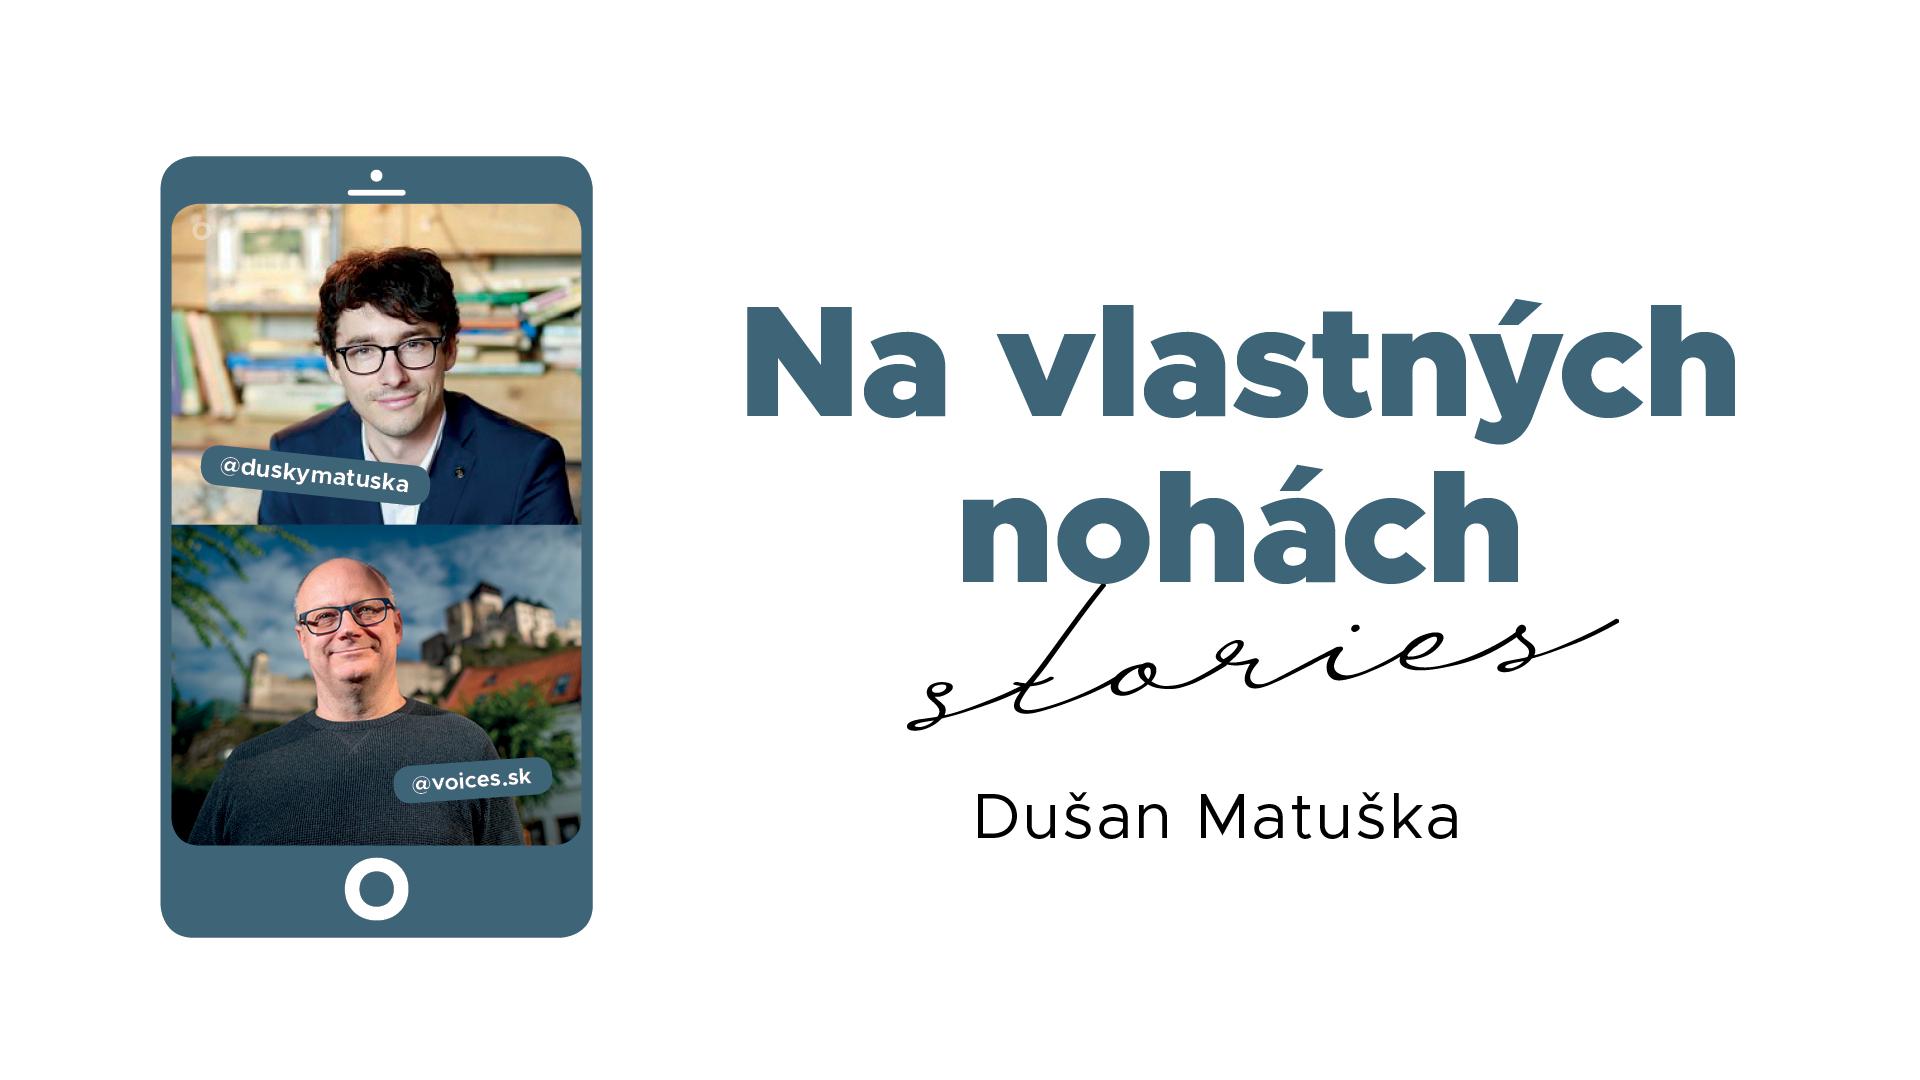 Ilustračný obrázok_Dušan Matuška